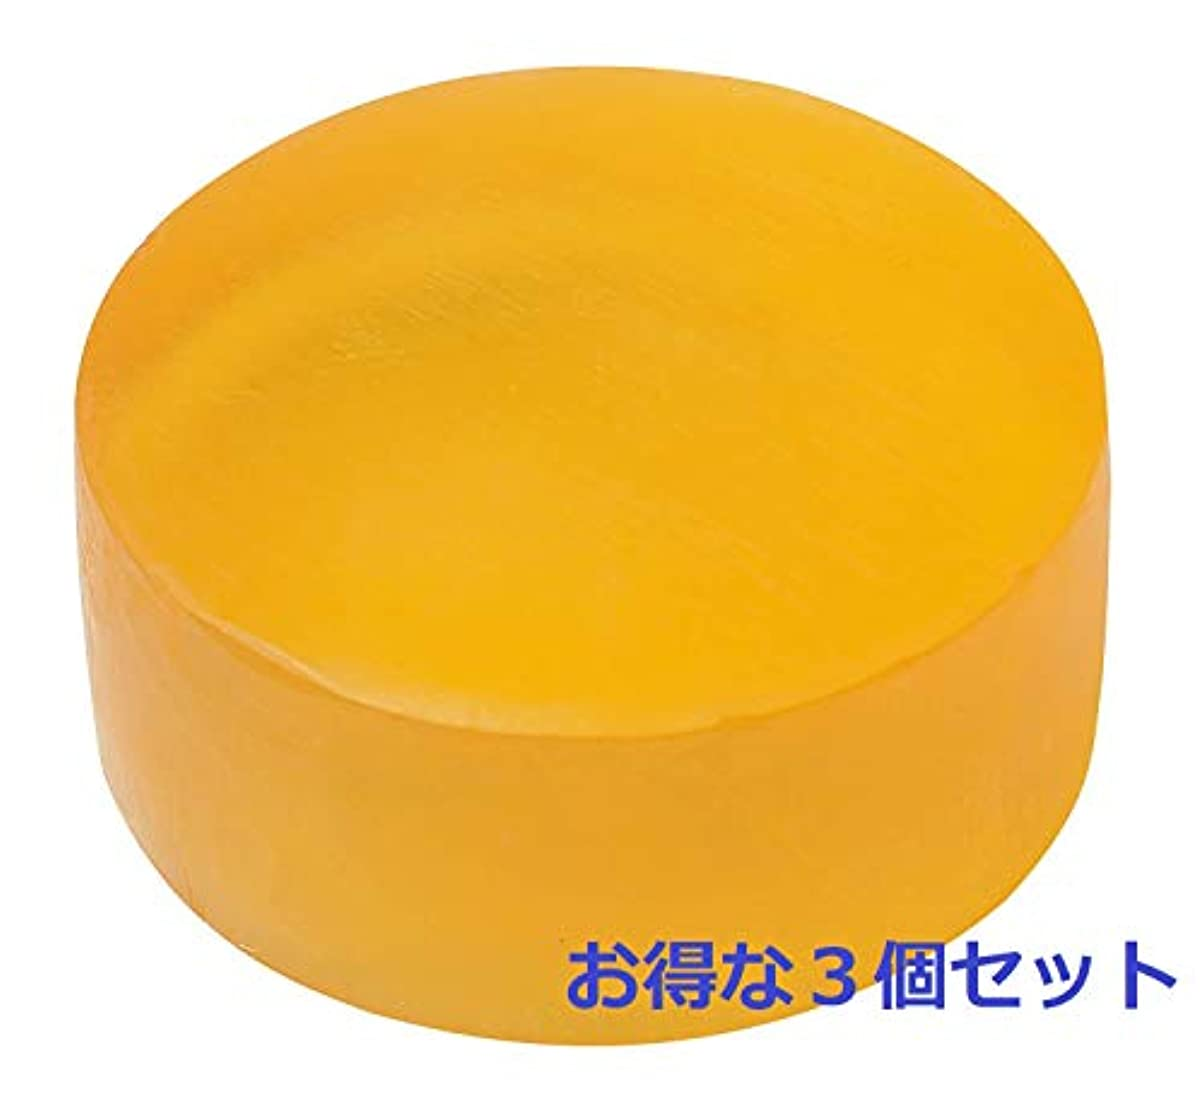 予備適応的並外れてプラスリストア クレンジングソープ 熟成 洗顔石鹸 メイク落とし 3個セット